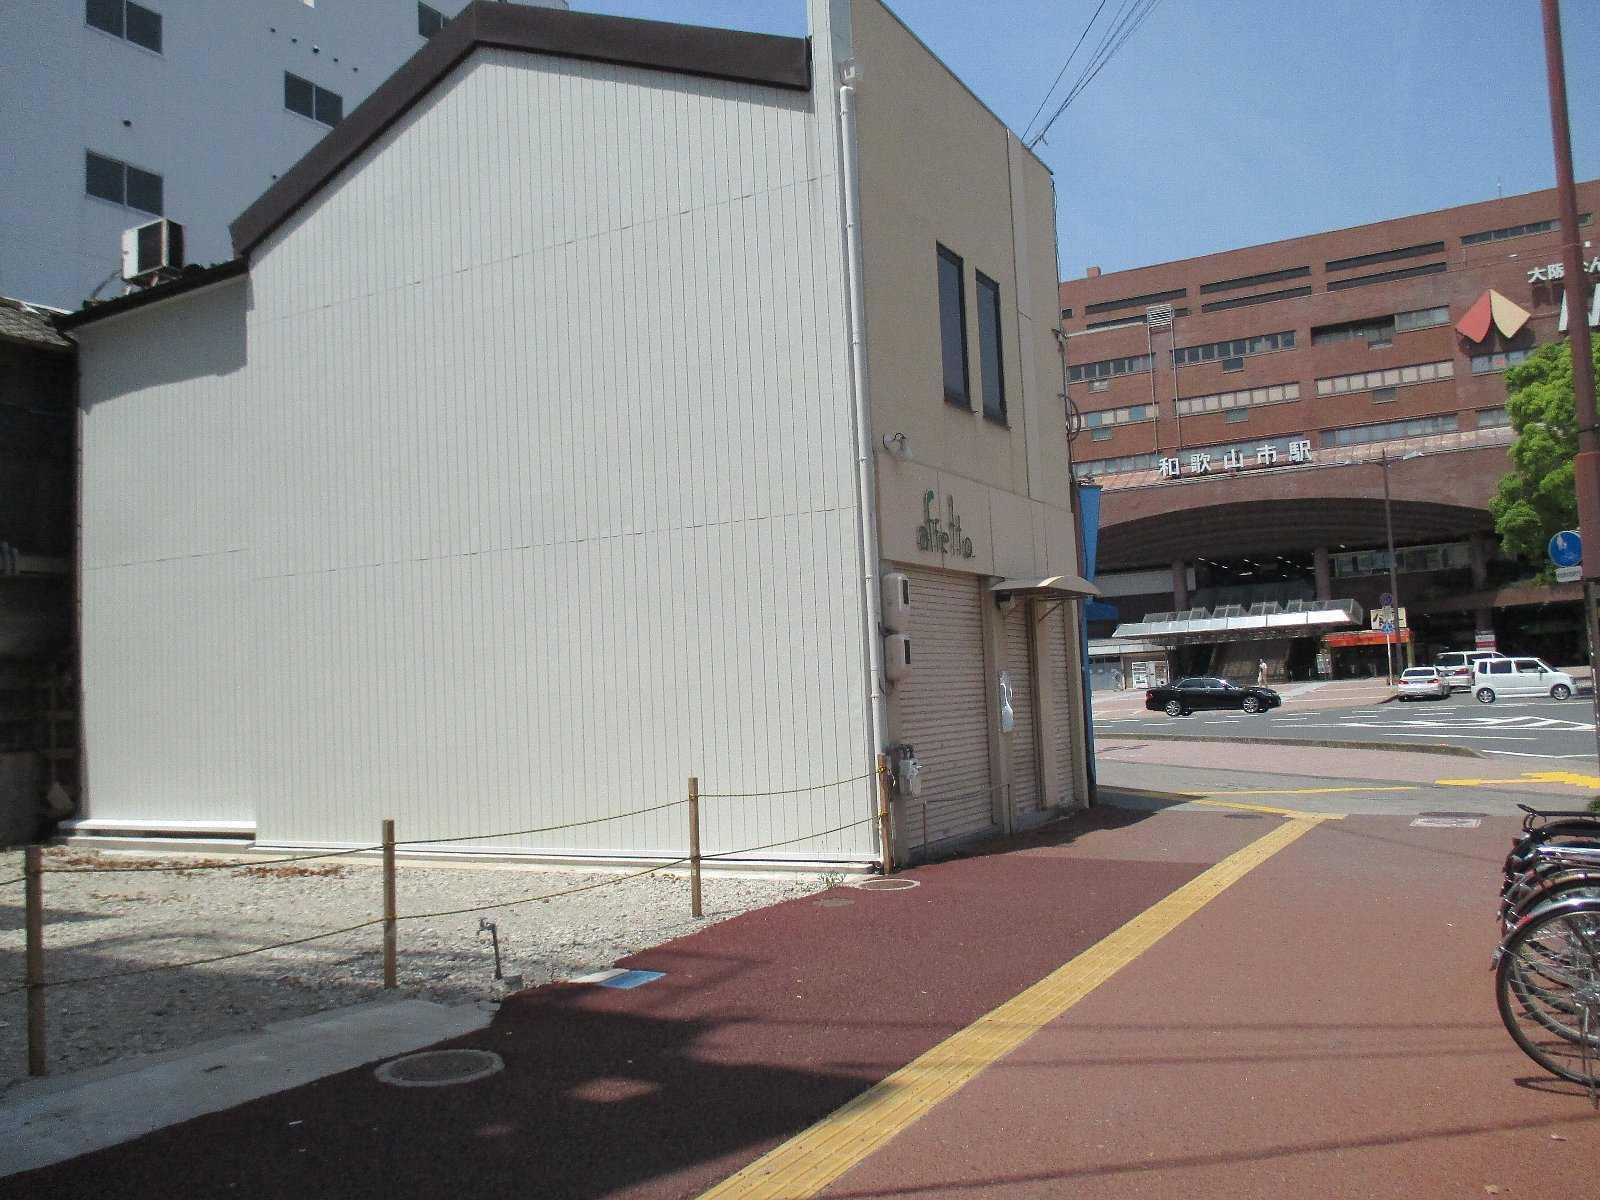 かっての駅前店舗は更地になってしまいとても当時の栄華は望むべくもない状態